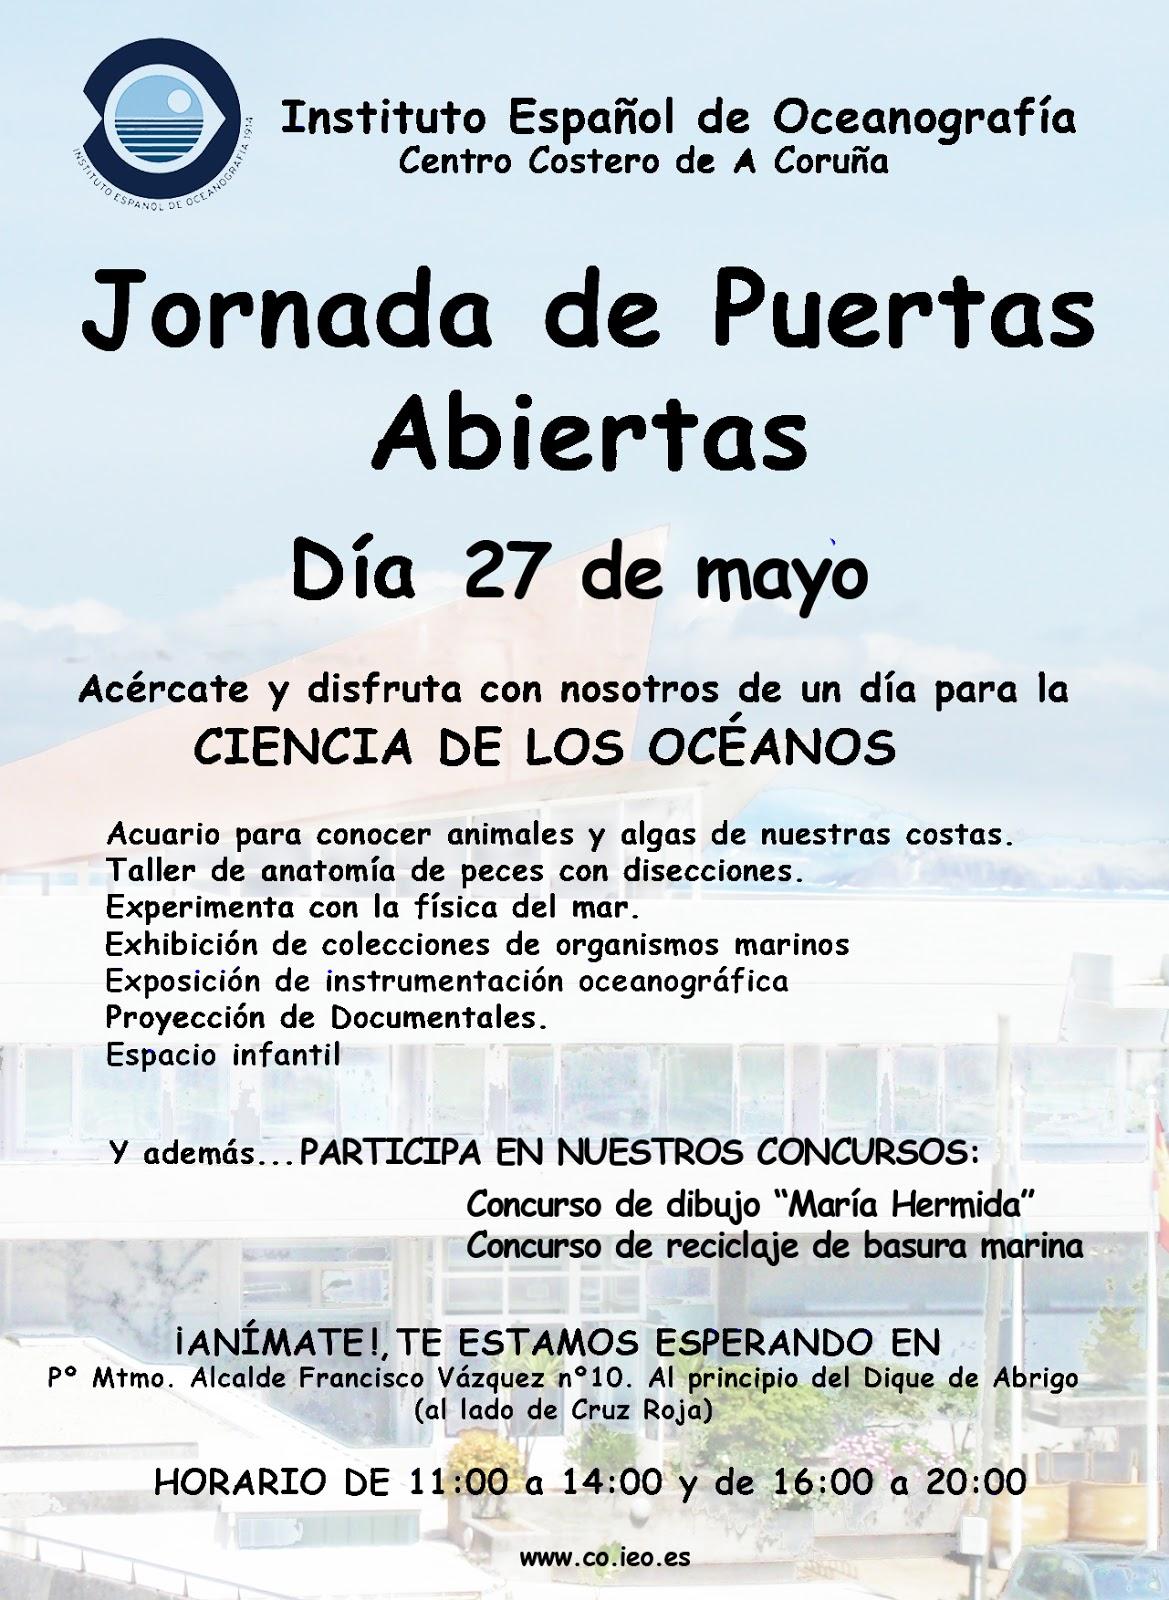 MILNEN@S: Instituto Español de Oceanografía: 27 de mayo Jornada de ...